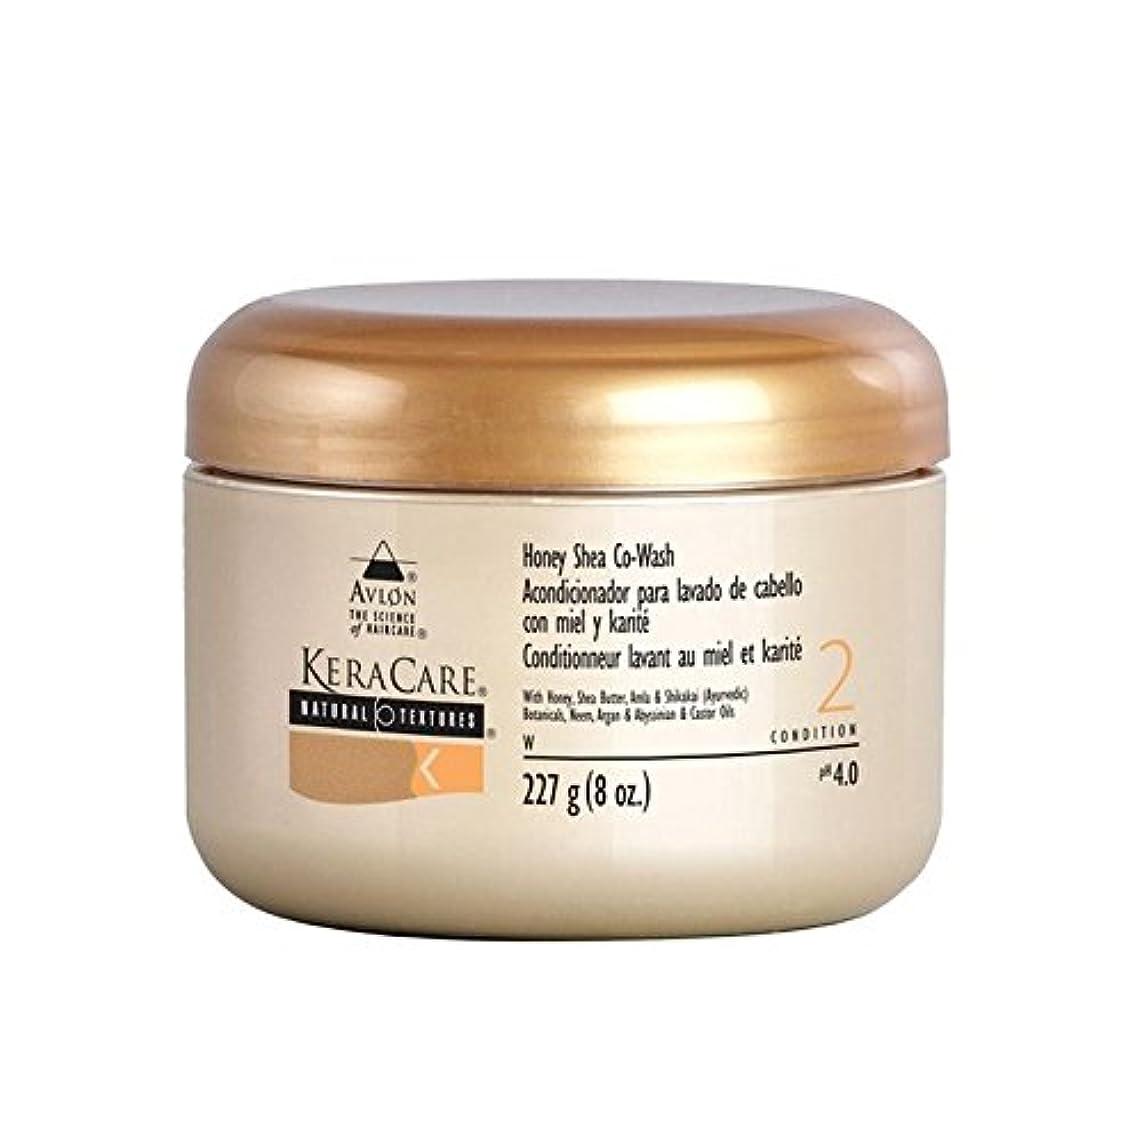 リスナー買収刈り取る蜂蜜シアコウォッシュ x2 - Keracare Honey Shea Co-Wash (Pack of 2) [並行輸入品]